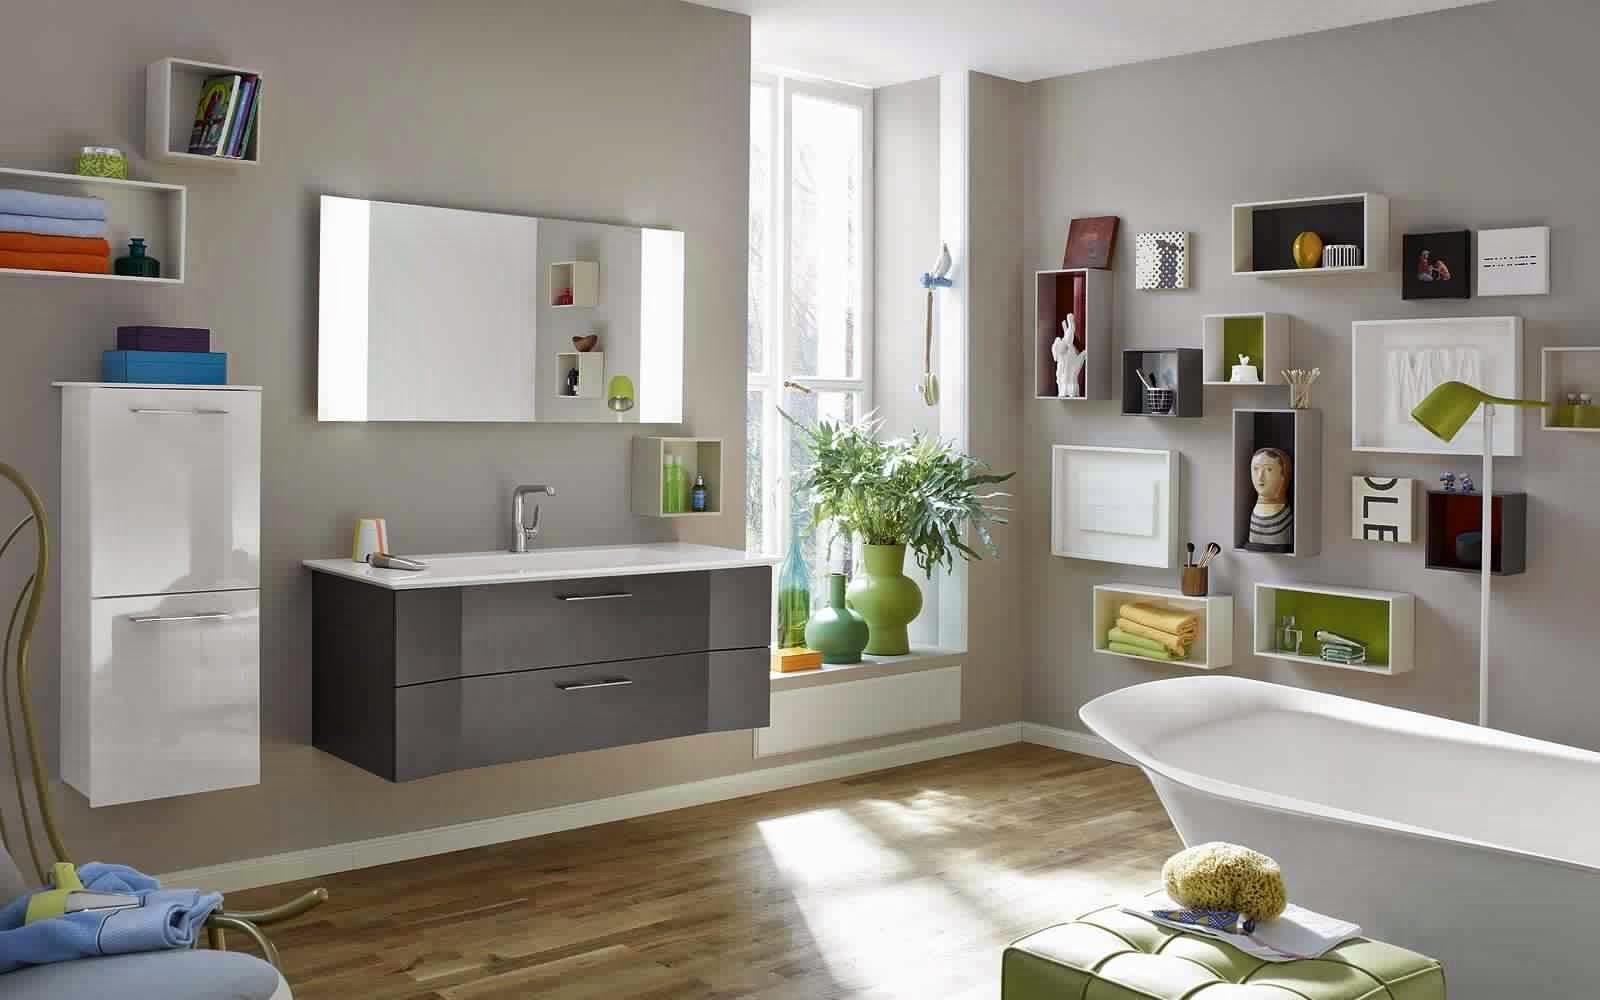 Meuble salle de bain gris meuble d coration maison for Meuble evier salle de bain